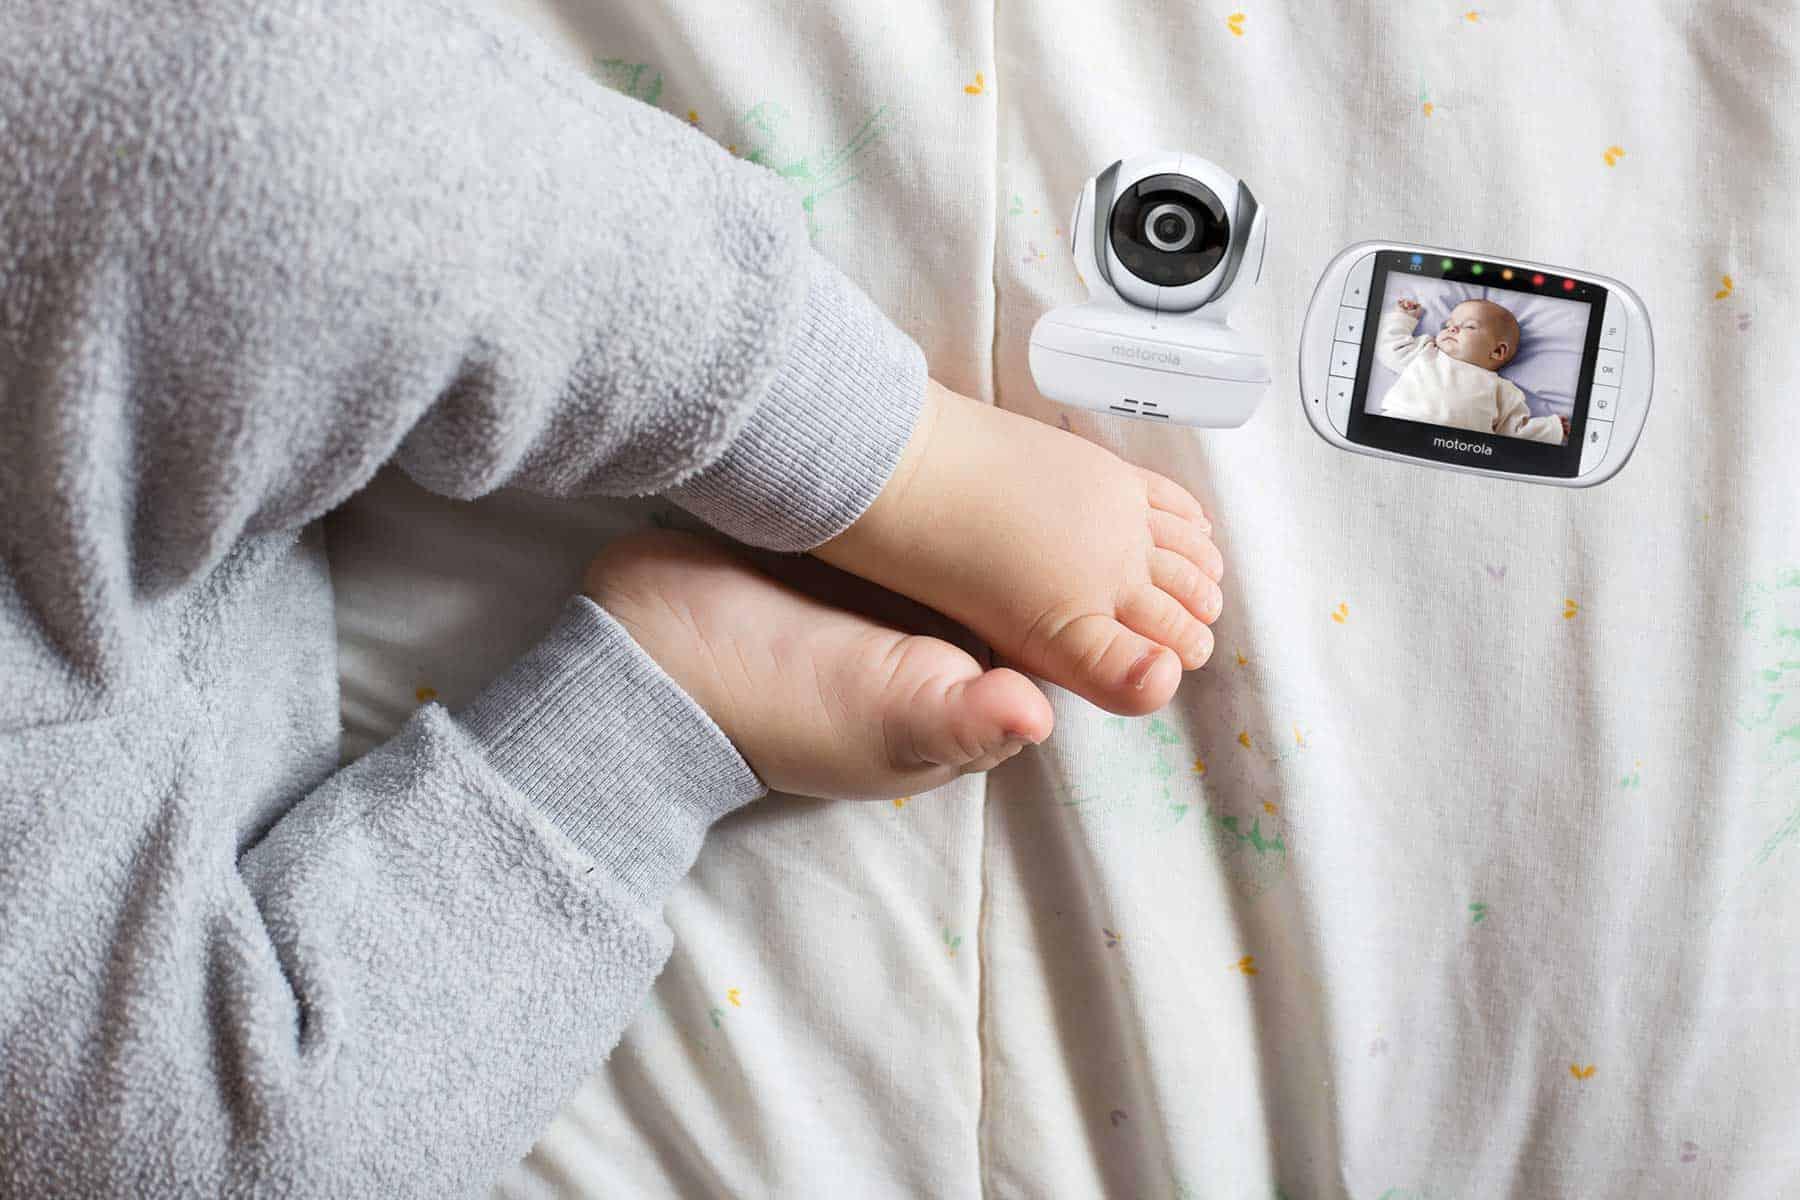 mailleur babyphone vidéo 2019